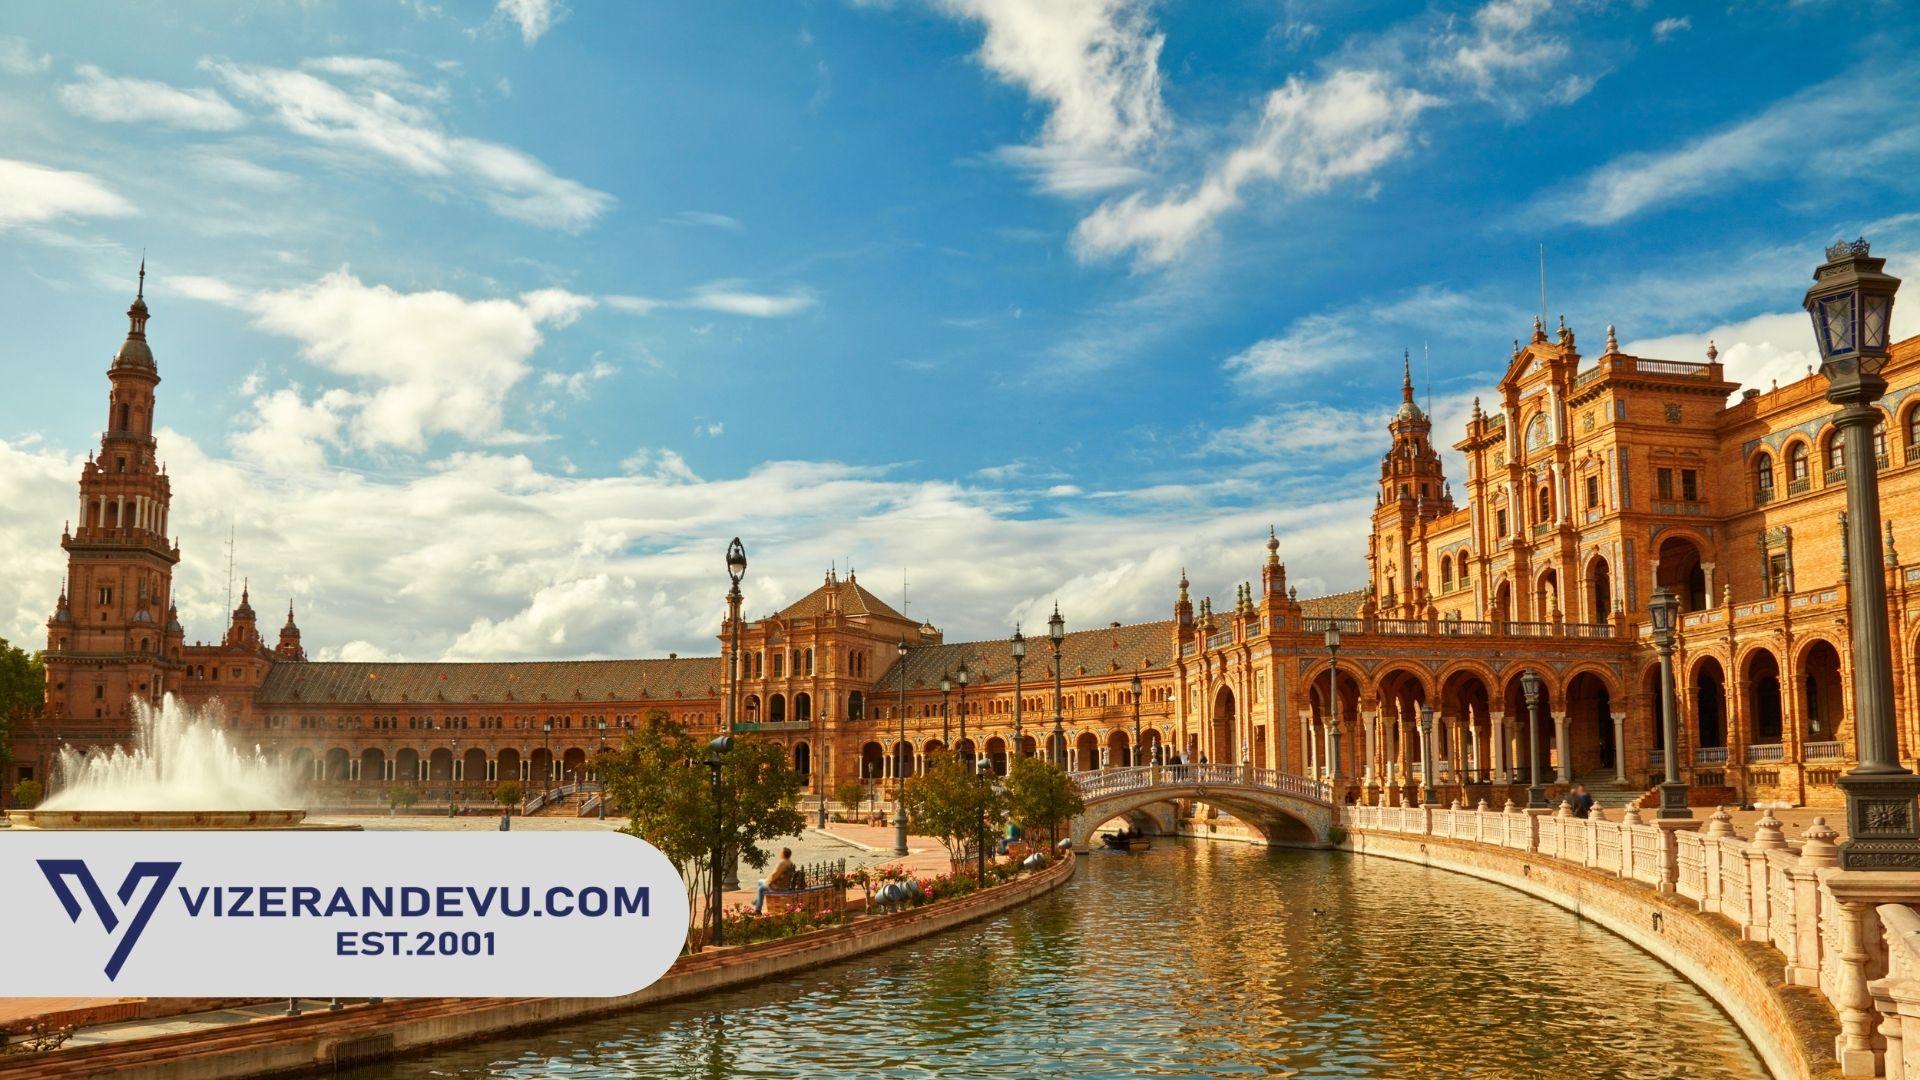 İspanya Transit - Şoför - Öğrenci Vizesi 2021